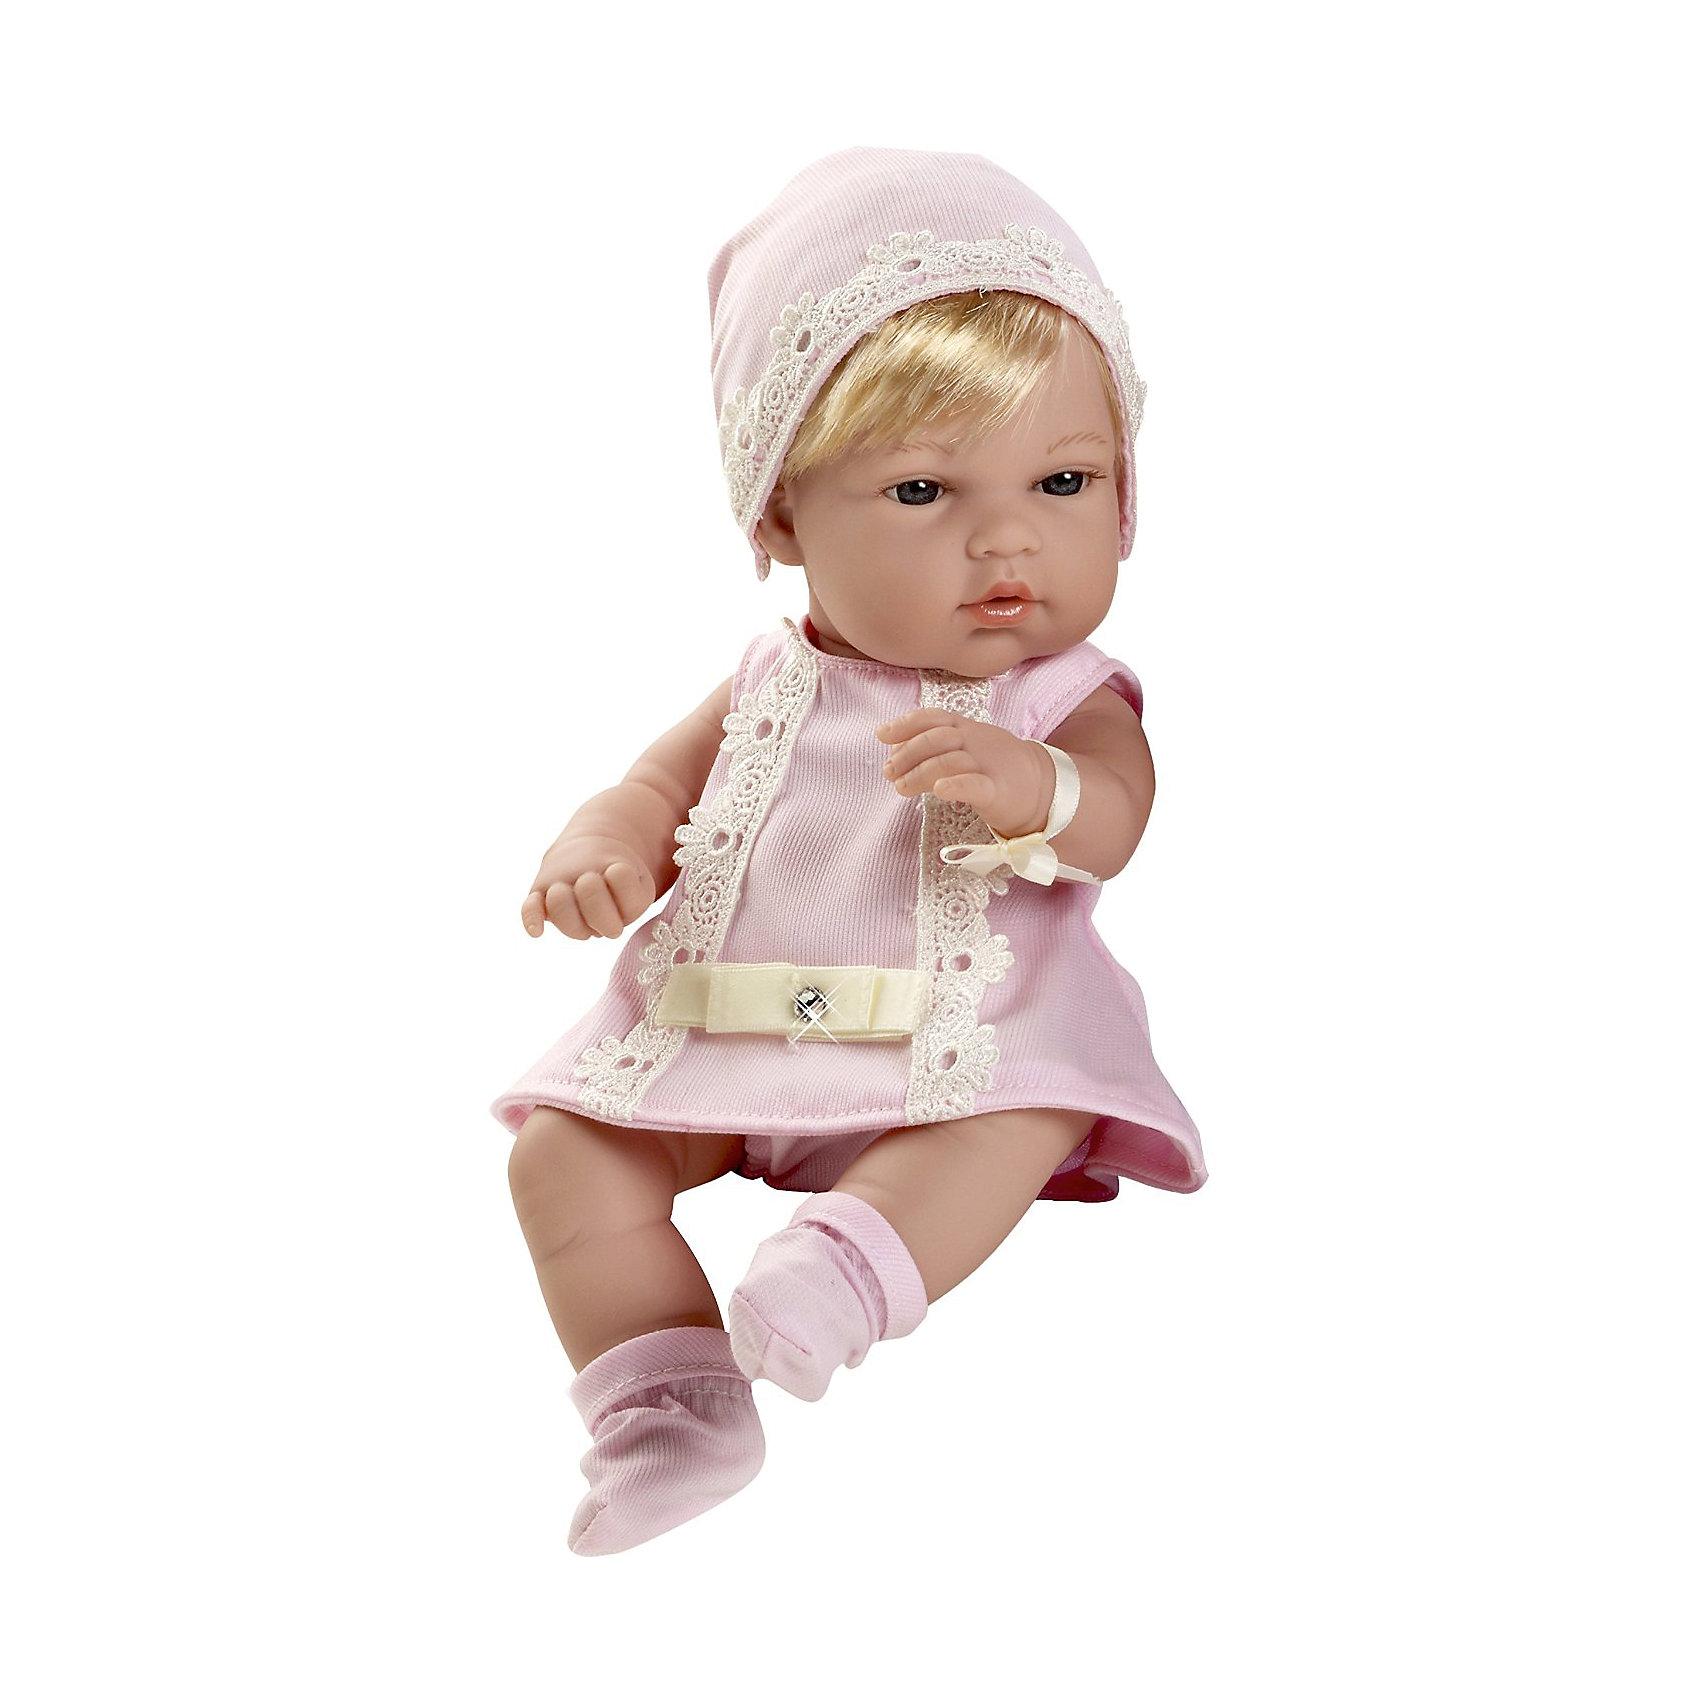 Пупс-блондинка в розовом платьице со стразами Swarowski, 33см, AriasКуклы-пупсы<br>Характеристики:<br><br>• Вид игр: сюжетно-ролевые<br>• Пол: для девочек<br>• Коллекция: Elegance<br>• Материал: винил, текстиль, нейлон<br>• Длина пупса: 33 см<br>• Комплектация: кукла, платье, пинетки, шапочка<br>• Подвижные ручки и ножки <br>• Вес в упаковке: 850 г<br>• Размеры упаковки (Г*Ш*В): 35*12*20 см<br>• Упаковка: картонная коробка<br>• Особенности ухода: куклу можно купать, одежда – ручная стирка<br><br>Пупс-блондинка в розовом платьице со стразами Swarowski, 33см, Arias изготовлен известным испанским торговым предприятием Munecas, который специализируется на выпуске кукол и пупсов. Пупсы и куклы Arias с высокой степенью достоверности повторяют облик маленьких детей, благодаря мельчайшим деталям внешнего вида и одежды игрушки выглядят мило и очаровательно. Кукла выполнена из винила, у нее подвижные ручки и ножки, короткие светлые волосы, четко прорисованные глаза и брови, курносый носик и пухленькие губки. Малышка одета в легкое розовое платье, декорированное кружевом и стразами. На ножках у нее розовые пинетки, на голове – шапочка. Пупс-блондинка в розовом платьице со стразами Swarowski, 33см, Arias идеальным подарком для девочки к любому празднику.<br><br>Куклу-блондинку, в голубом платье с бантом, 33см, Arias можно купить в нашем интернет-магазине.<br><br>Ширина мм: 200<br>Глубина мм: 350<br>Высота мм: 120<br>Вес г: 958<br>Возраст от месяцев: 36<br>Возраст до месяцев: 120<br>Пол: Женский<br>Возраст: Детский<br>SKU: 5355552